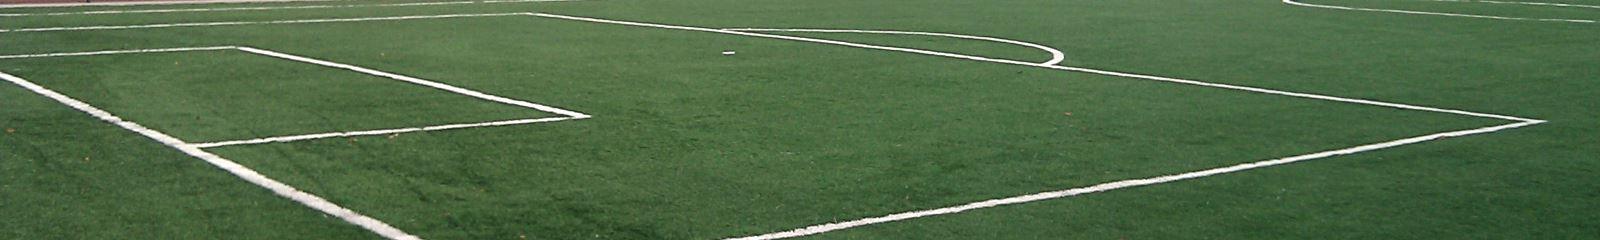 boiska z nawierzniami ze sztucznej trawy - mardo sport